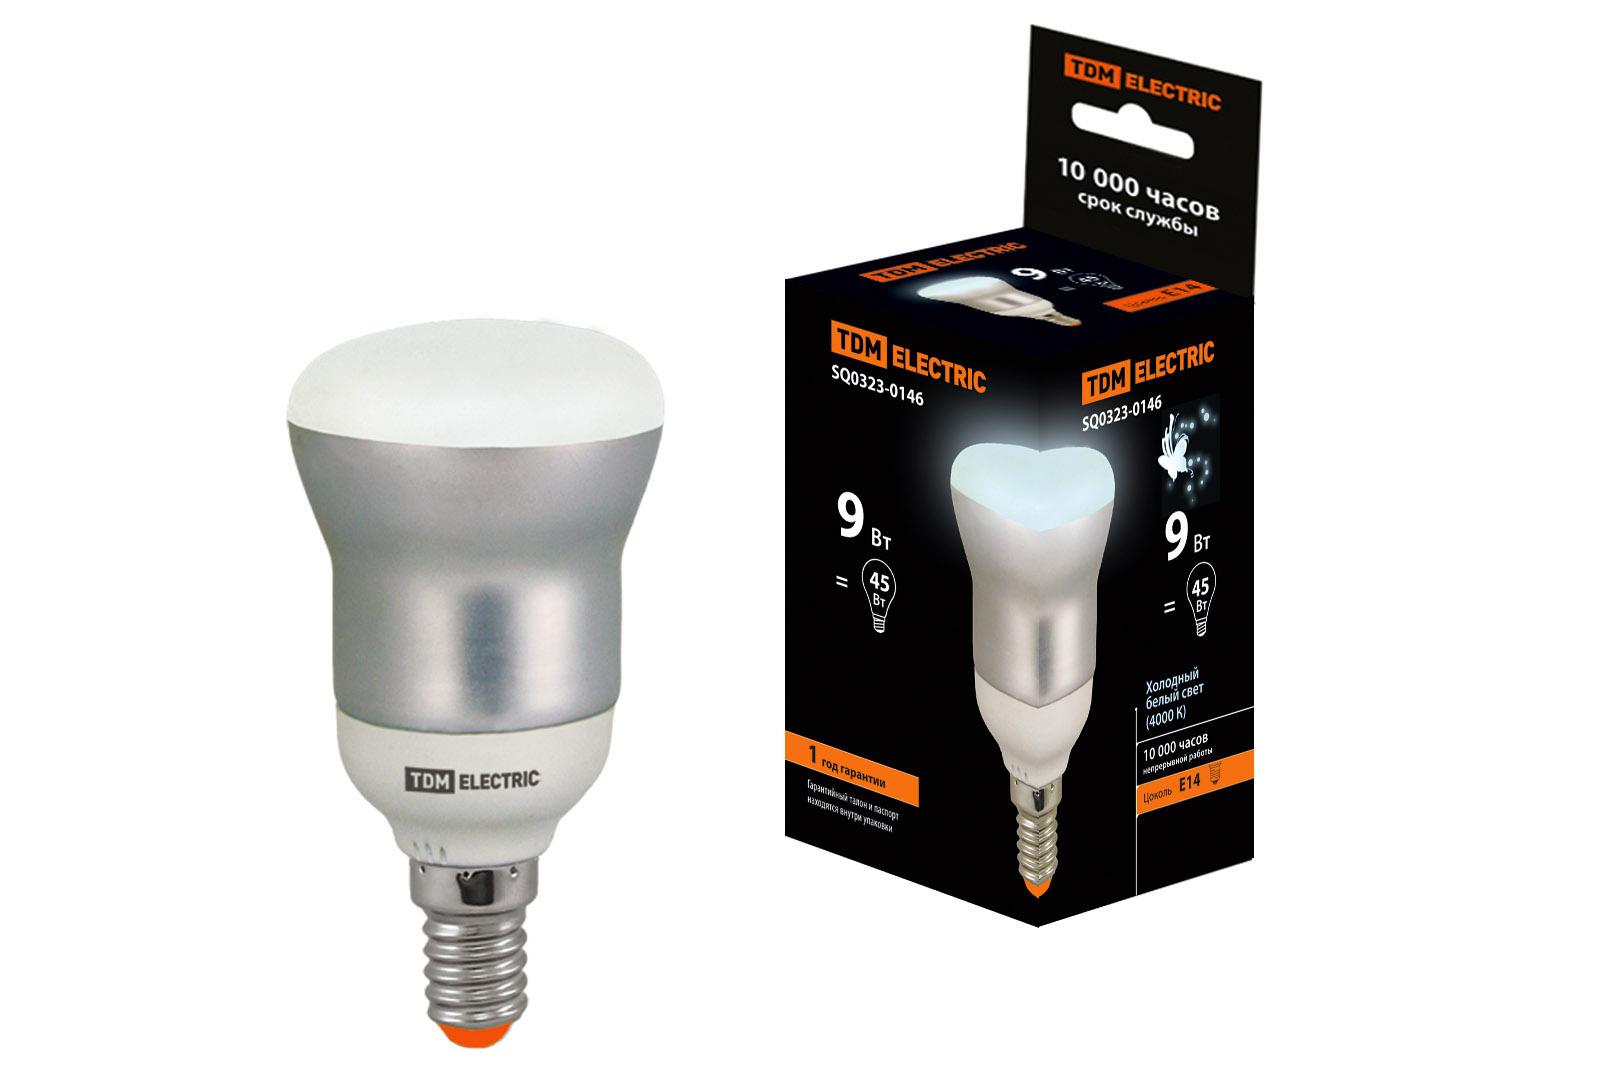 Лампа энергосберегающая Tdm Sq0323-0146